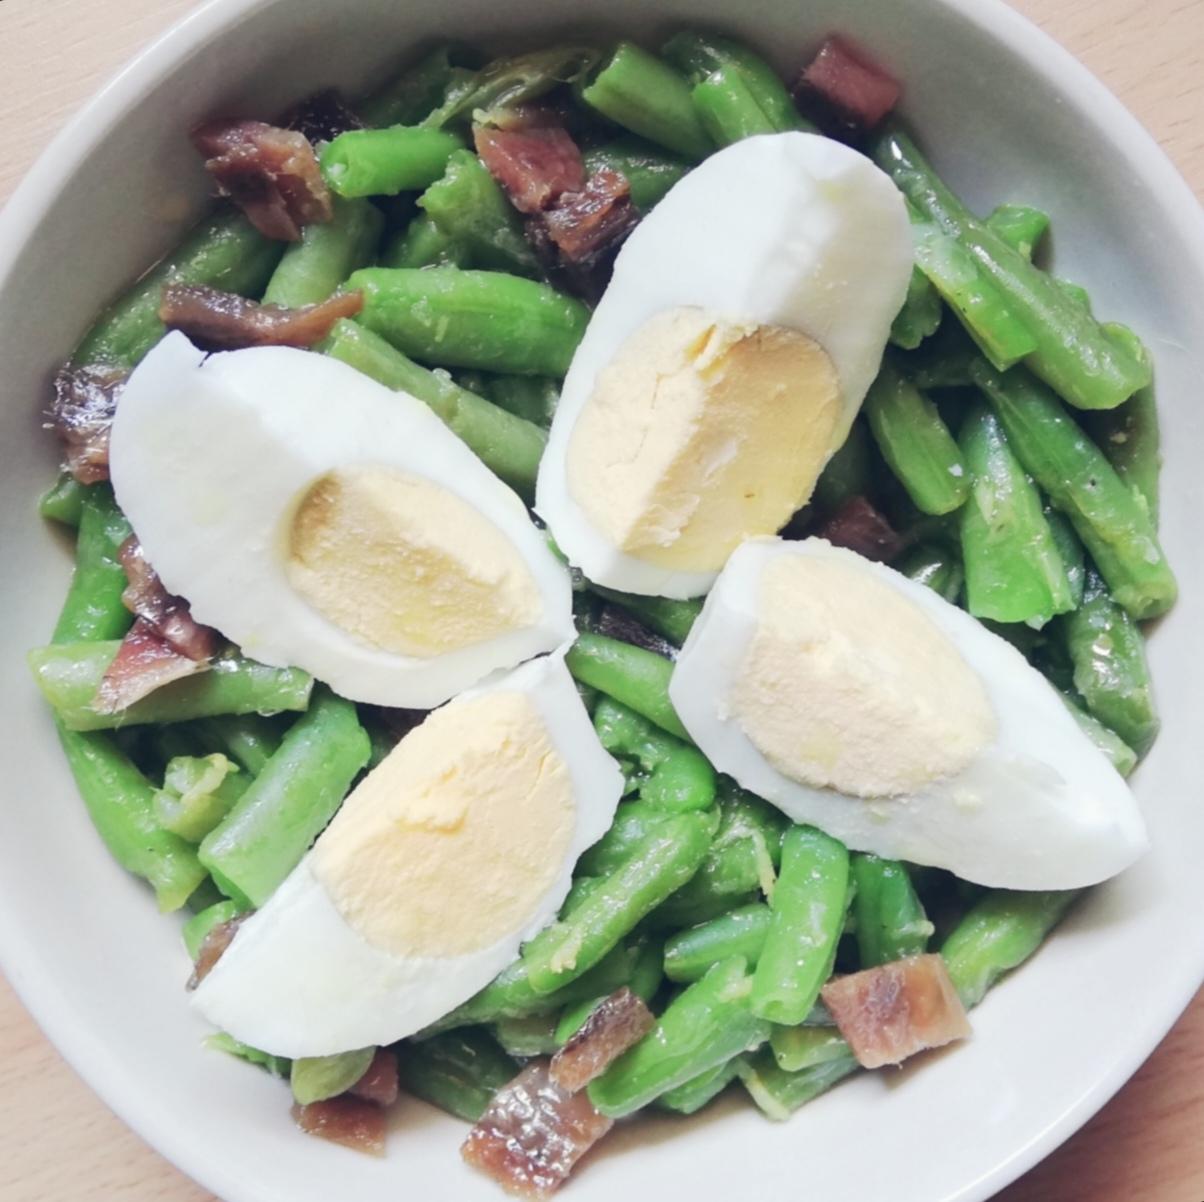 Ensalada de judías verdes con anchoas